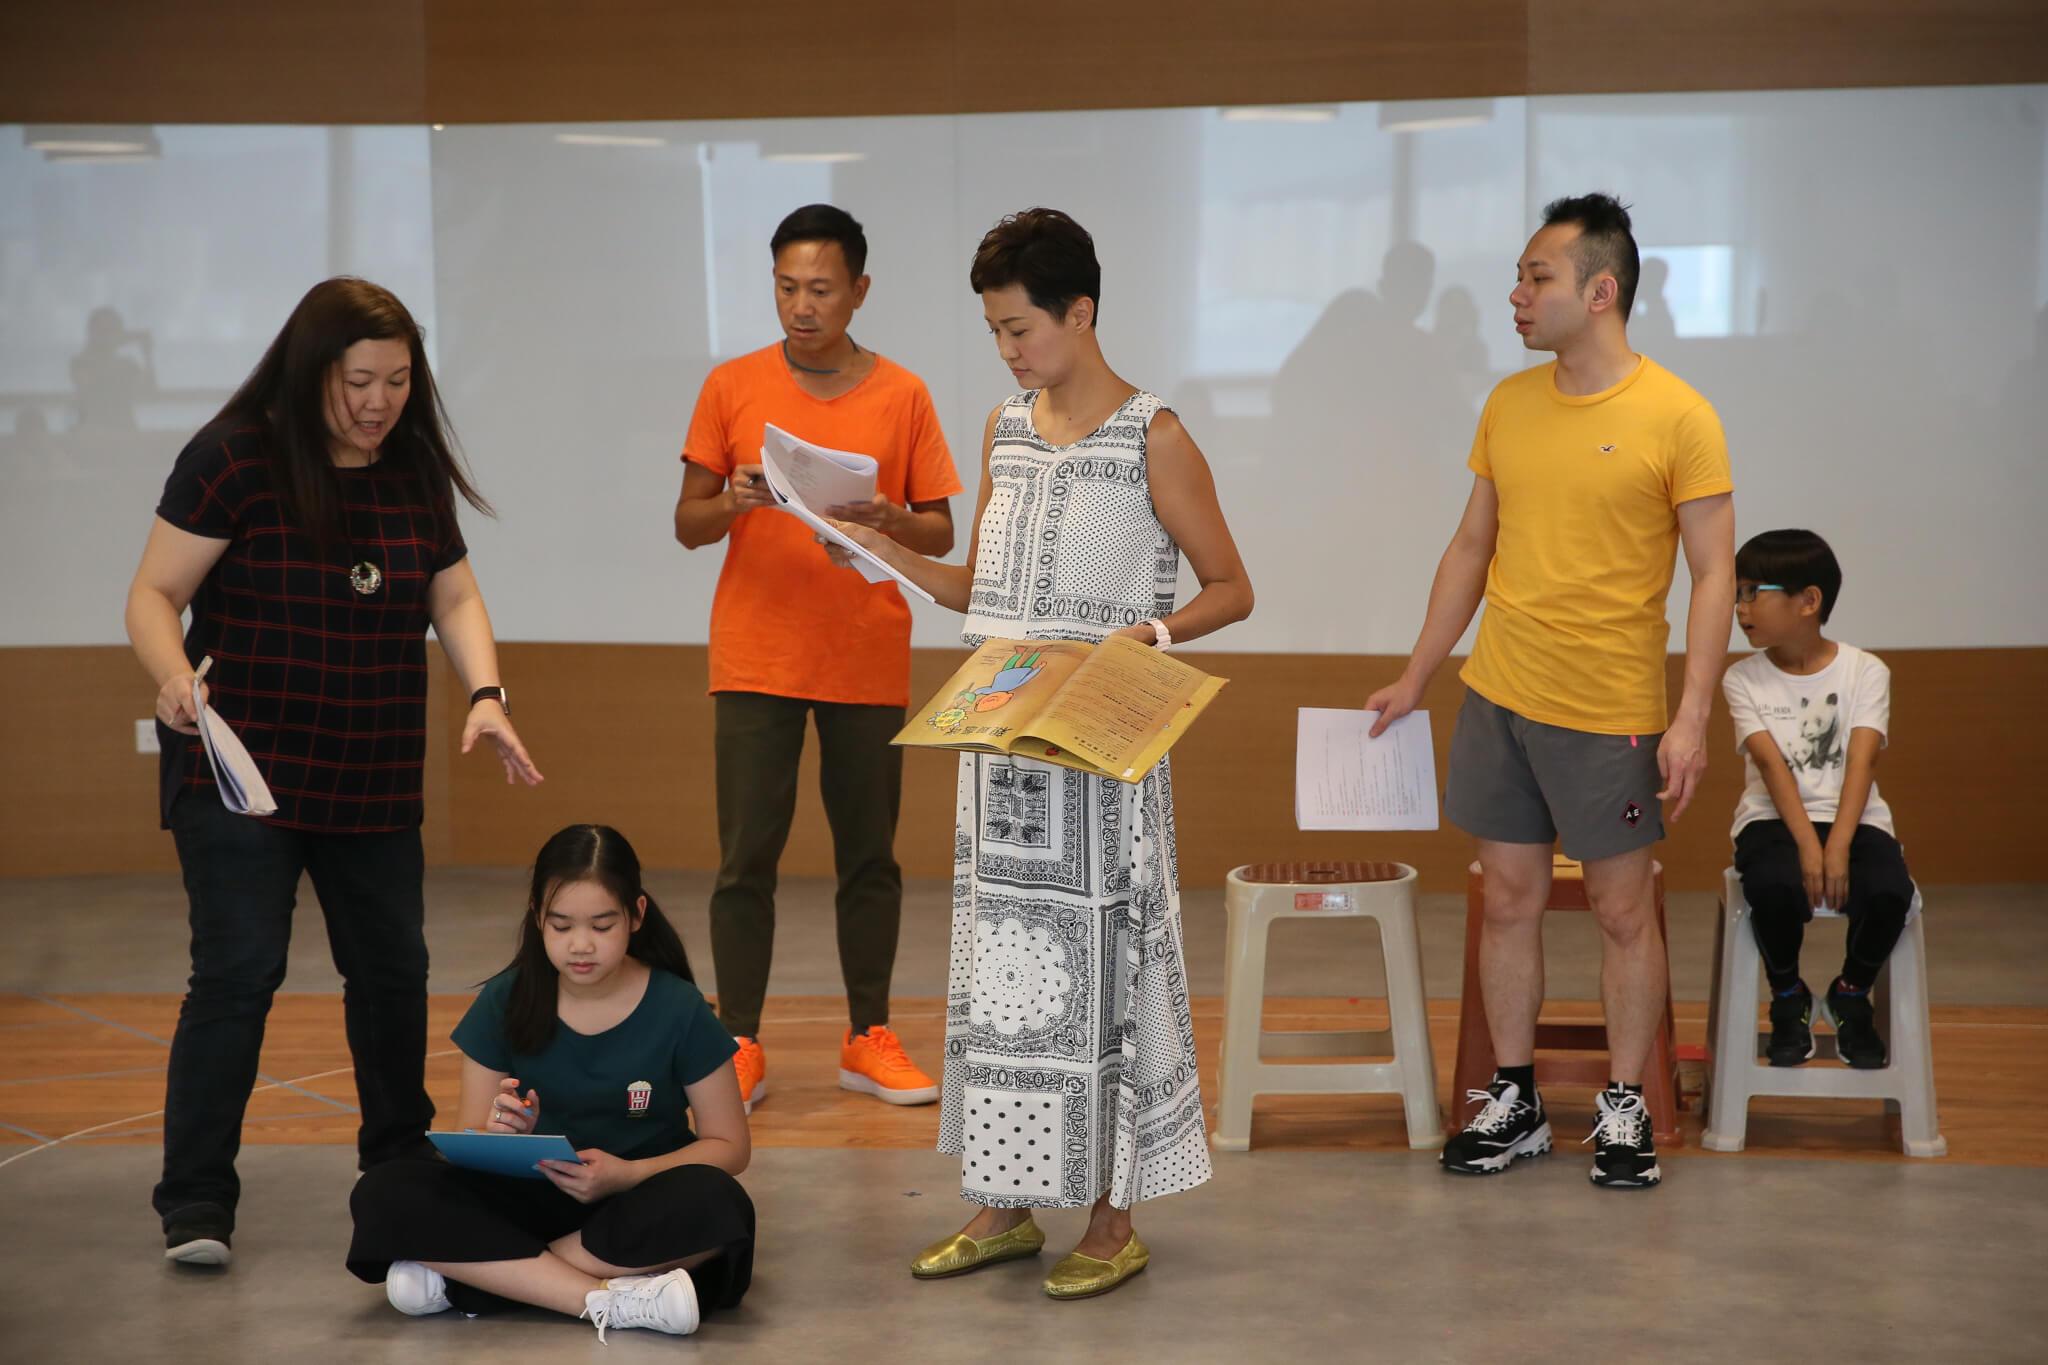 .陳國邦與羅敏莊都分別做過不少舞台劇,不過二人一齊合作同台,卻是首次。